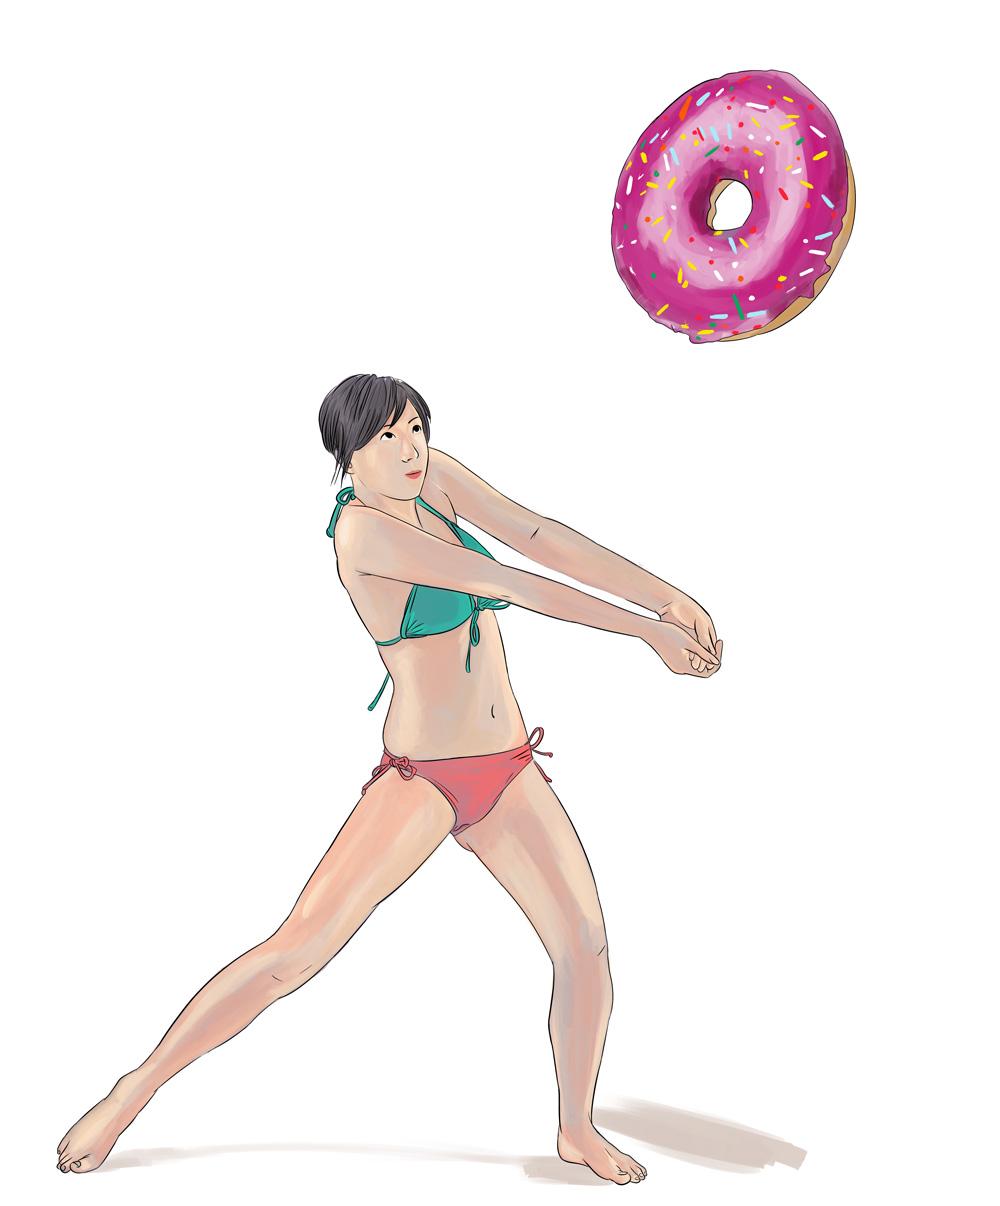 dietas muy bajas en calorías ralentizan el metabolismo corporal